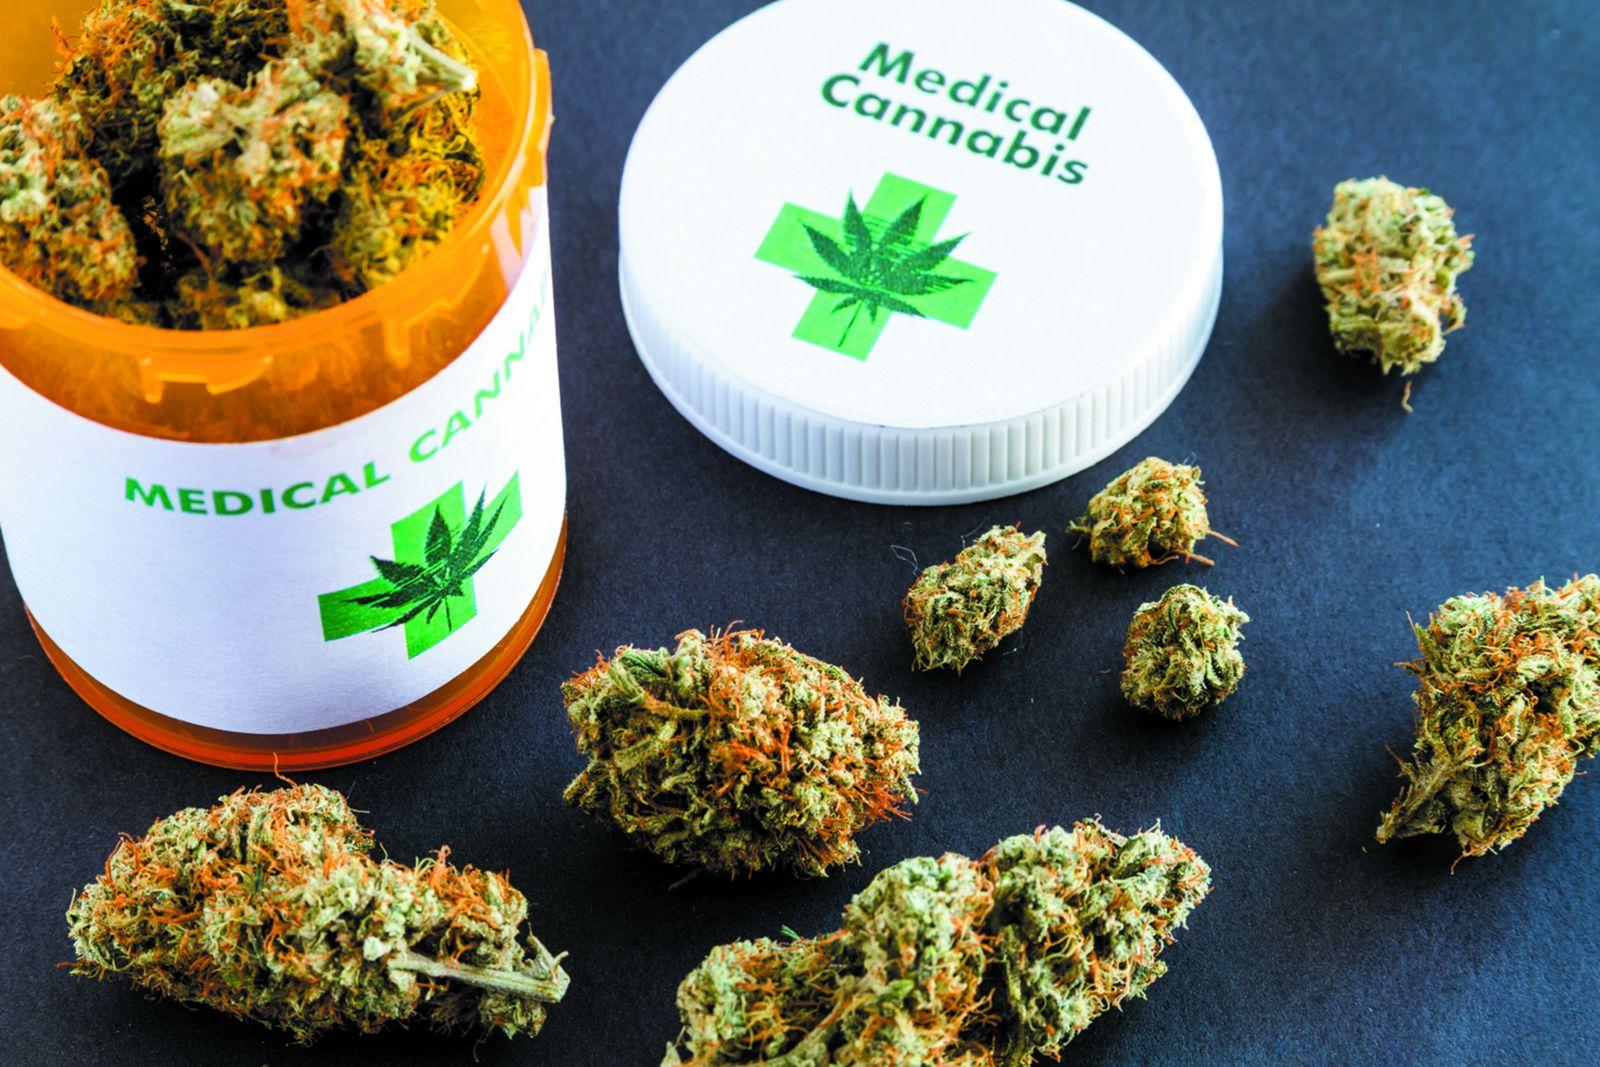 eric schleien medical marijuana bill